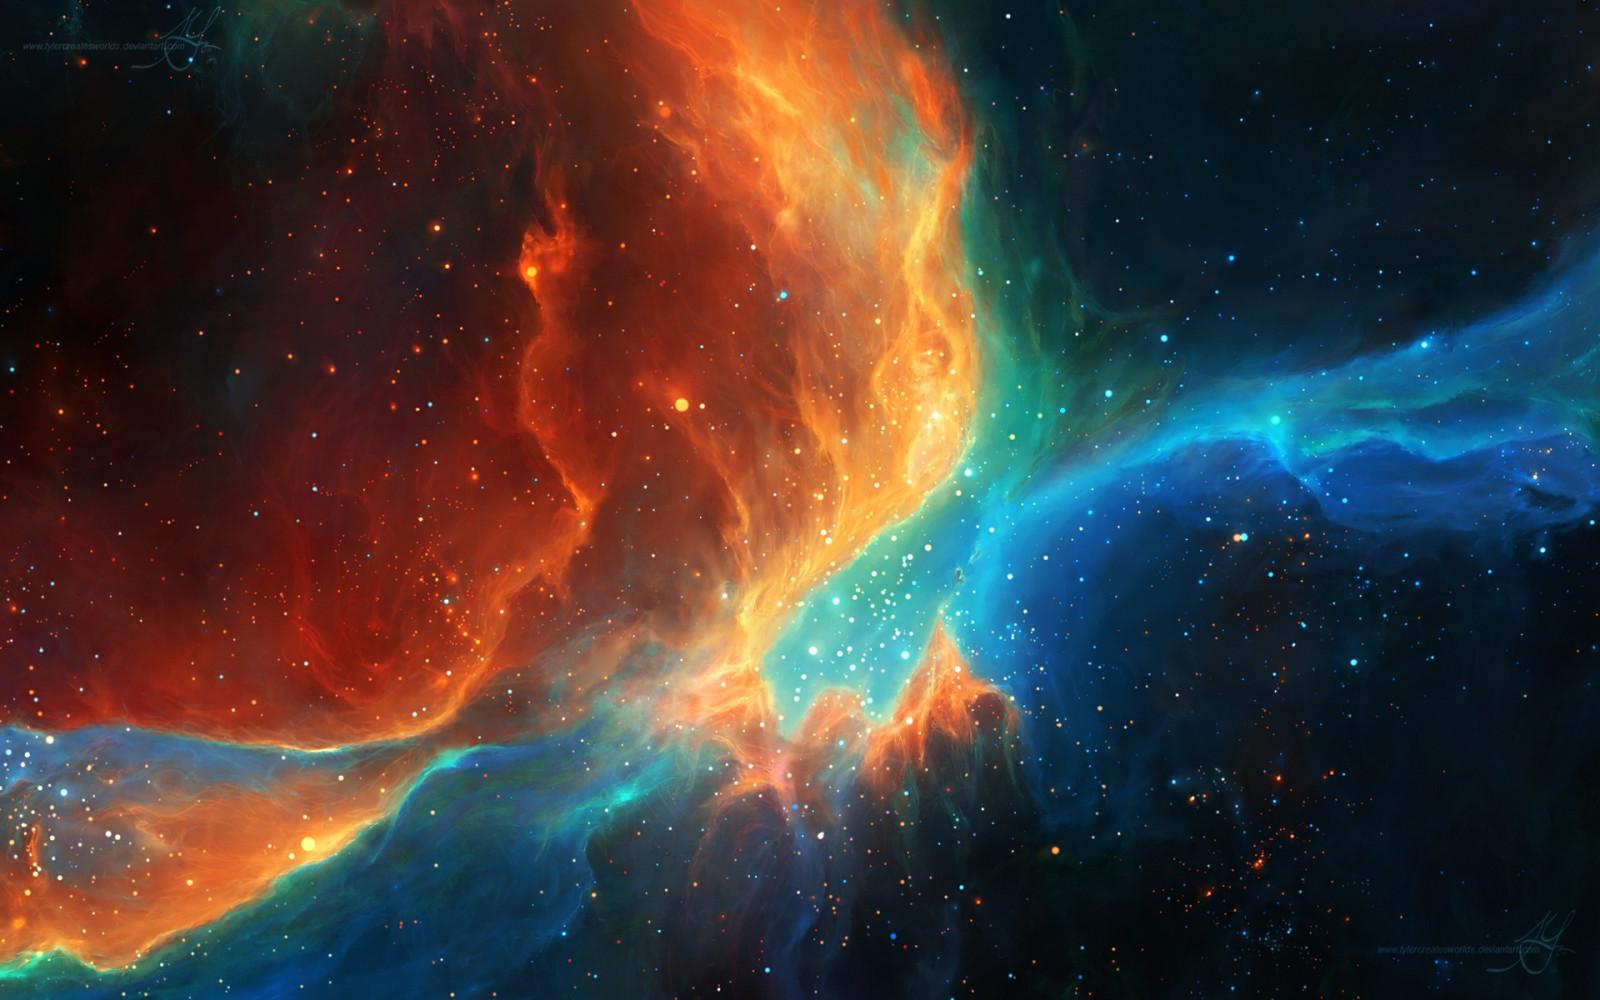 phoenix fd nebula - photo #9